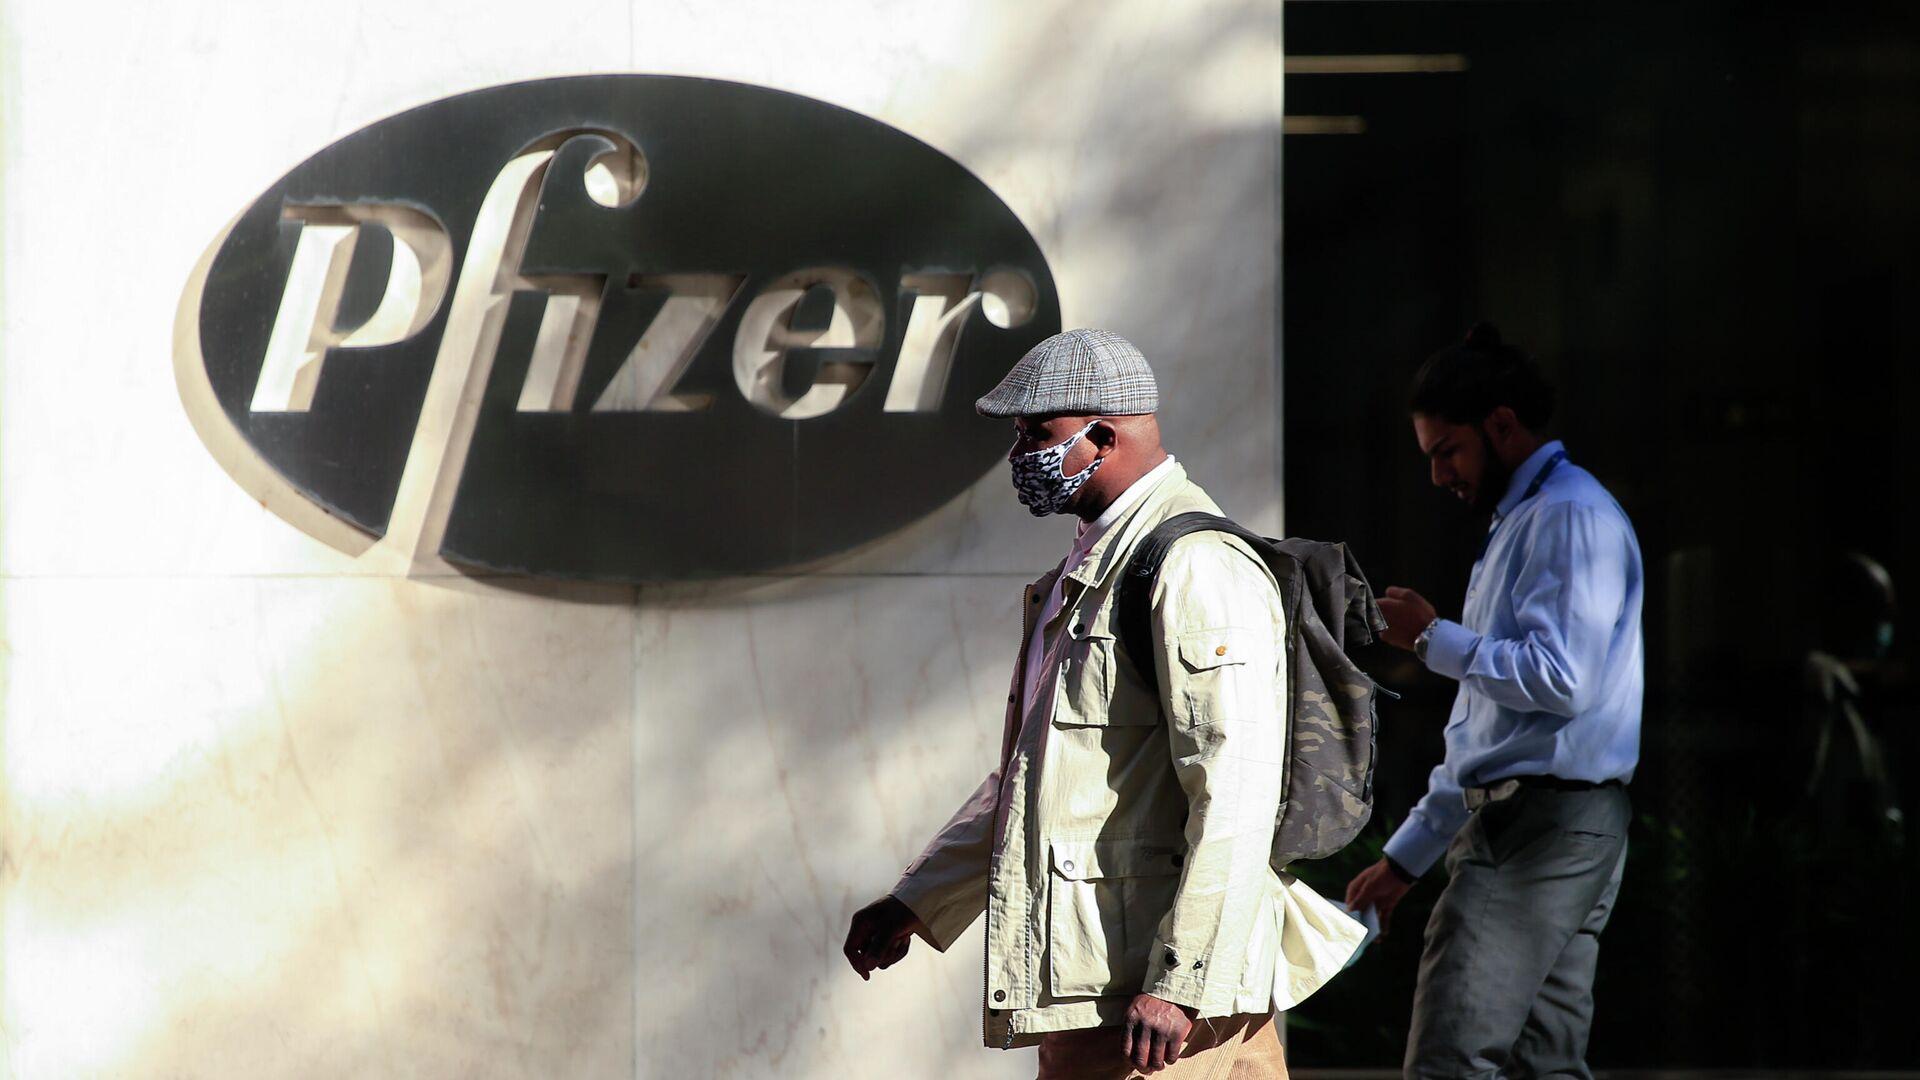 Офис компании Pfizer в Нью-Йорке  - РИА Новости, 1920, 11.11.2020